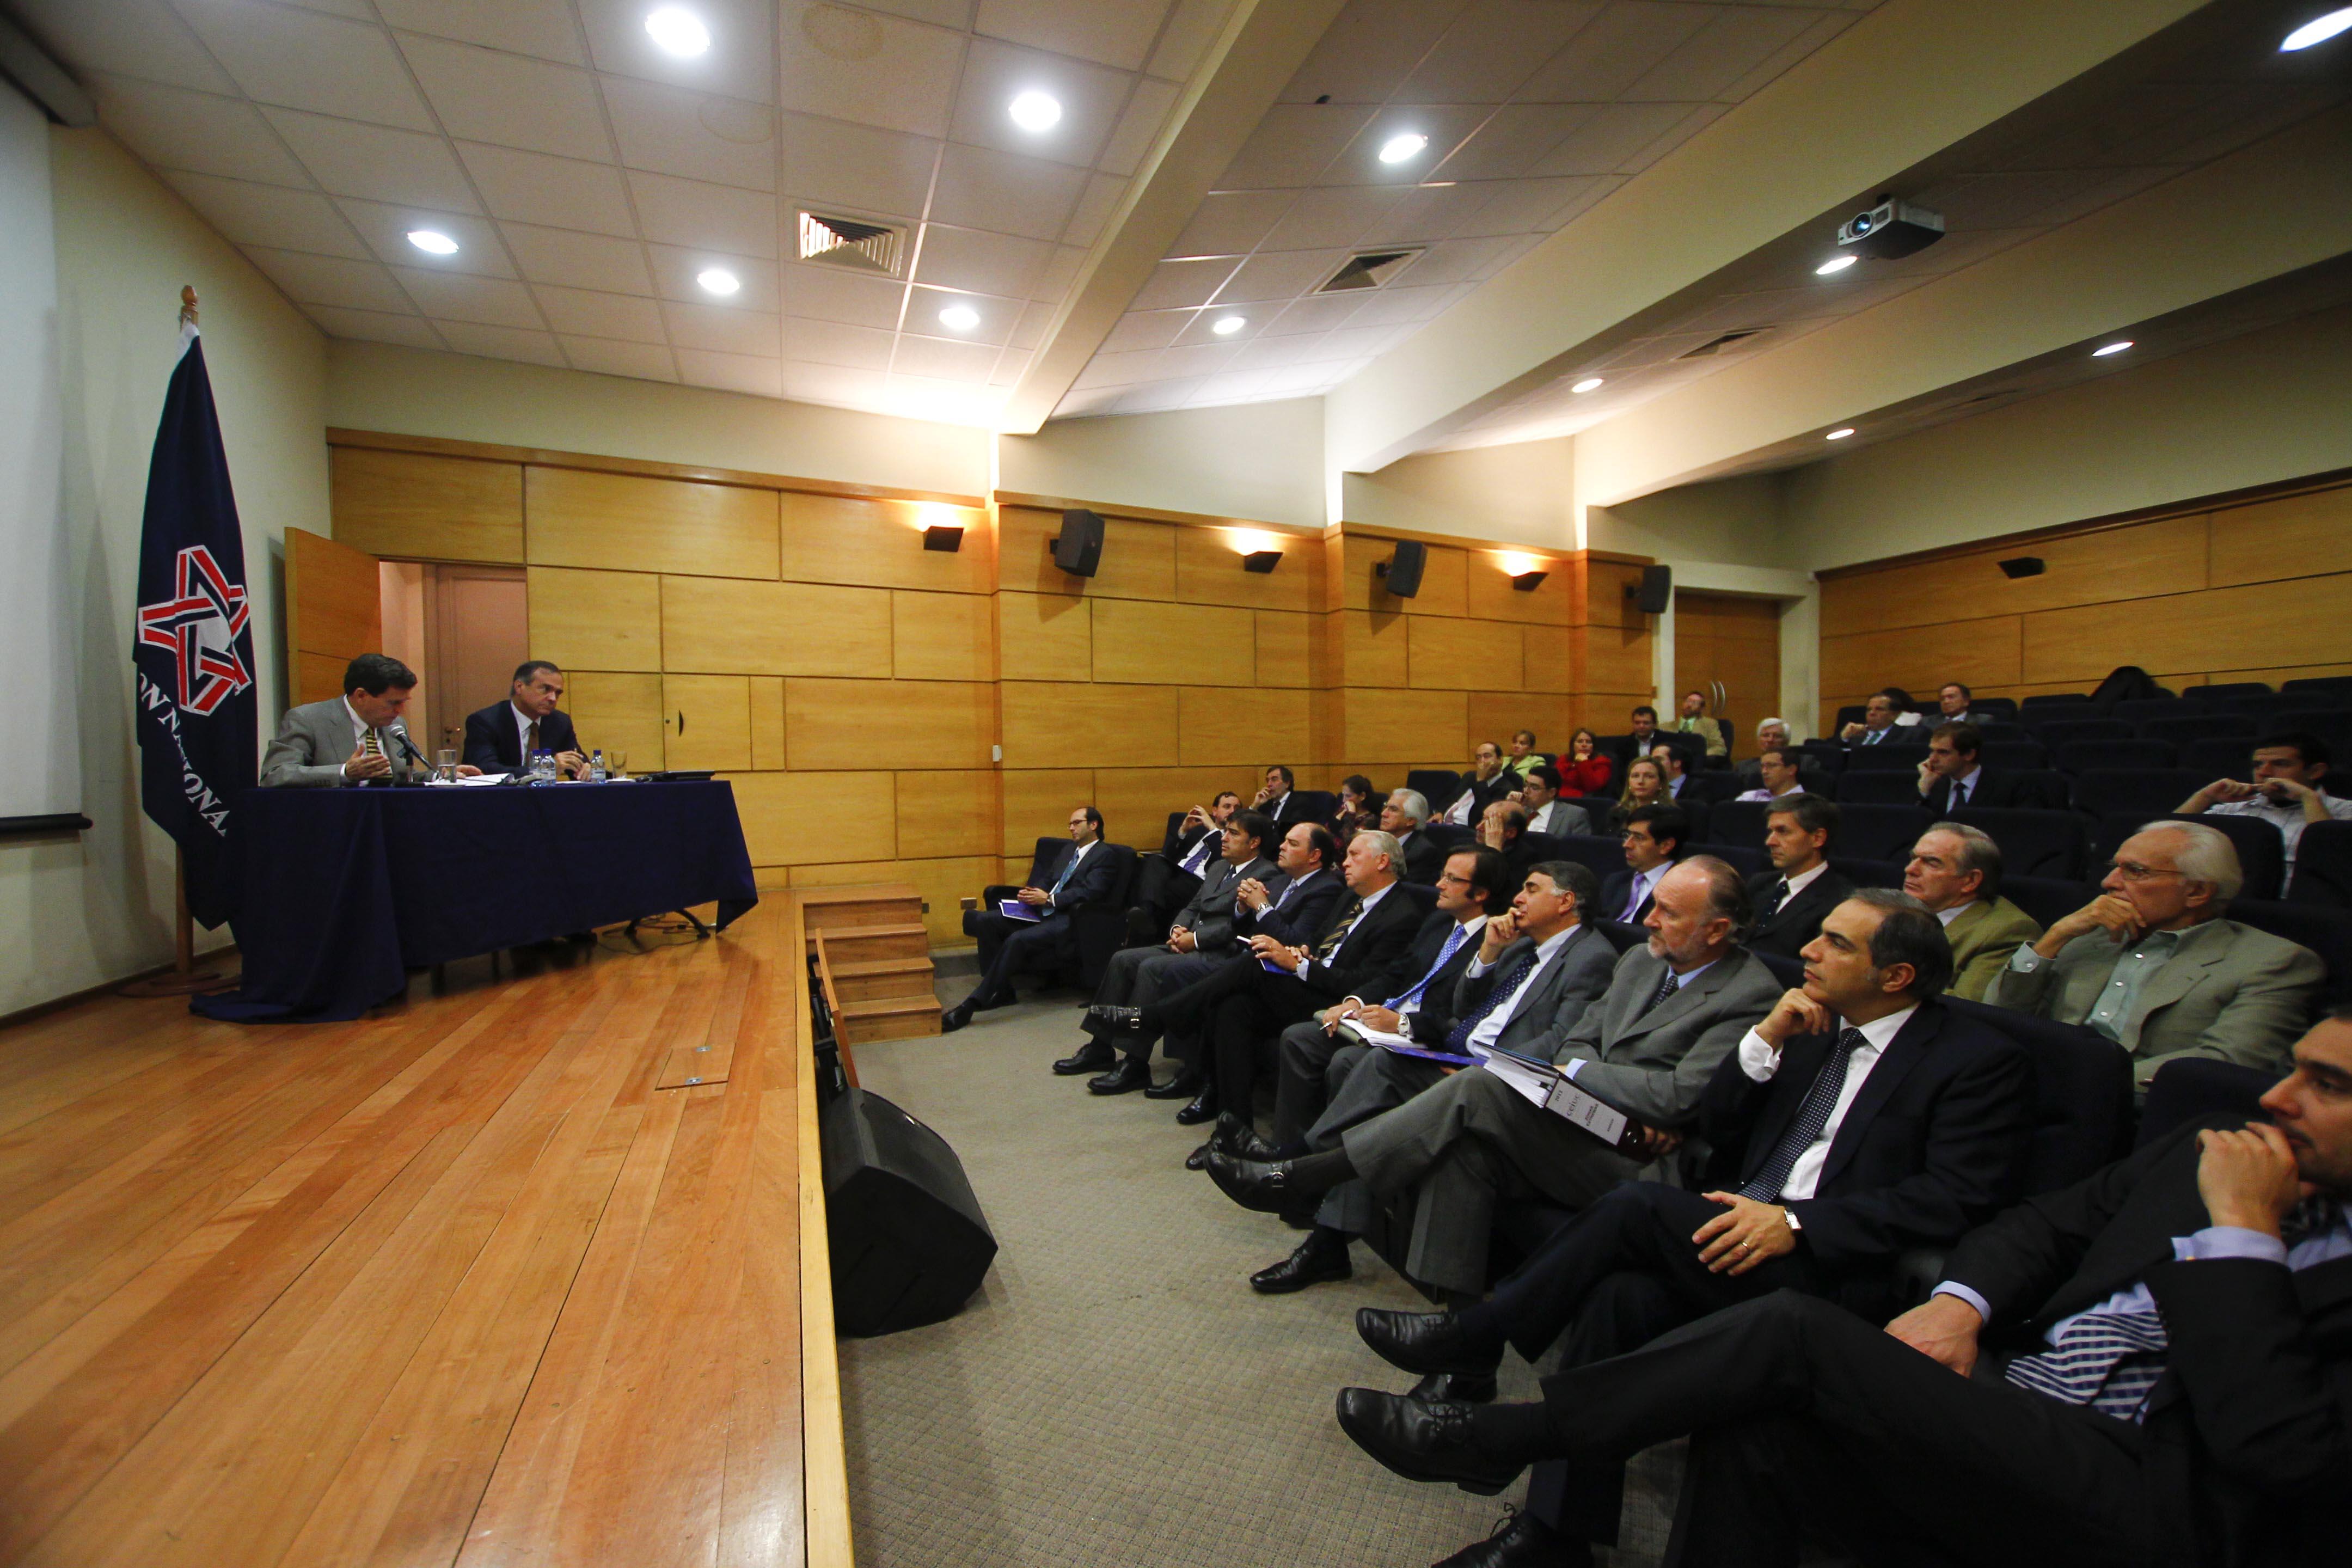 Comienza acuerdo suscrito por la Democracia Cristiana y Renovación Nacional